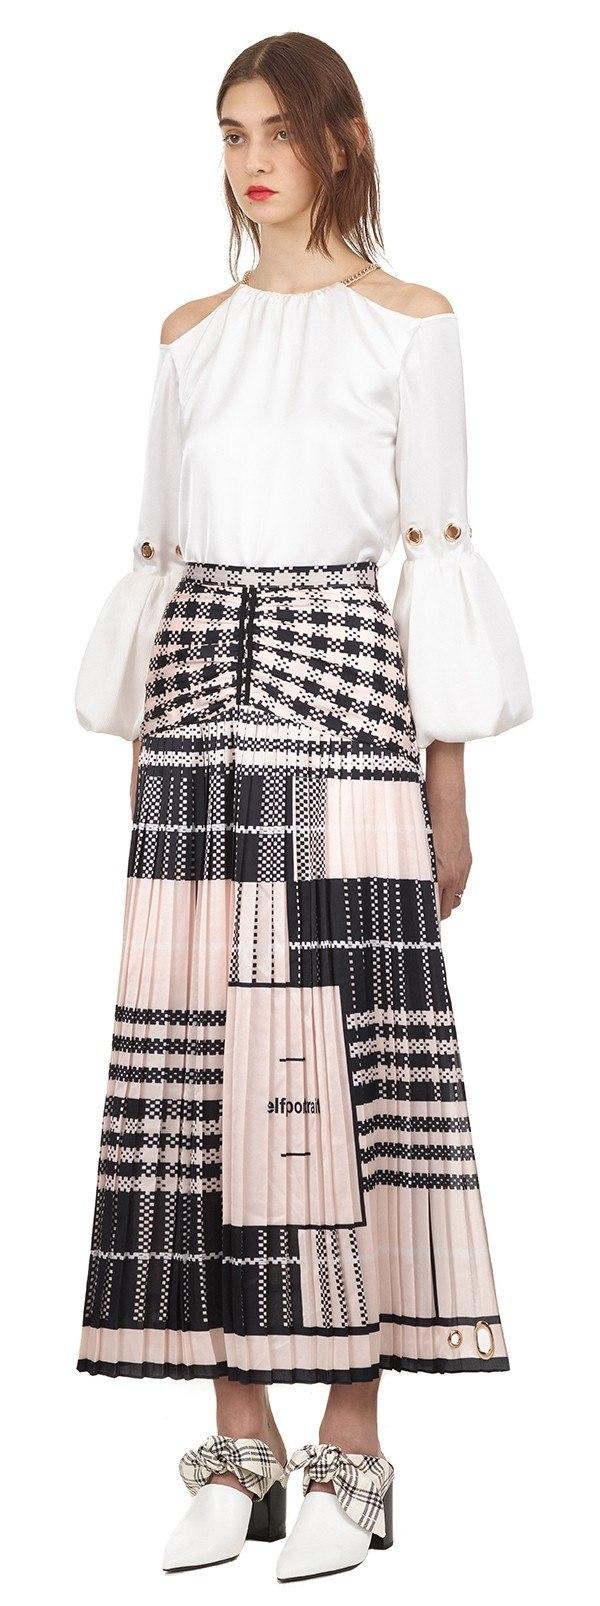 Какую юбку мы будем носить этим летом? Плиссированную! (фото 14)